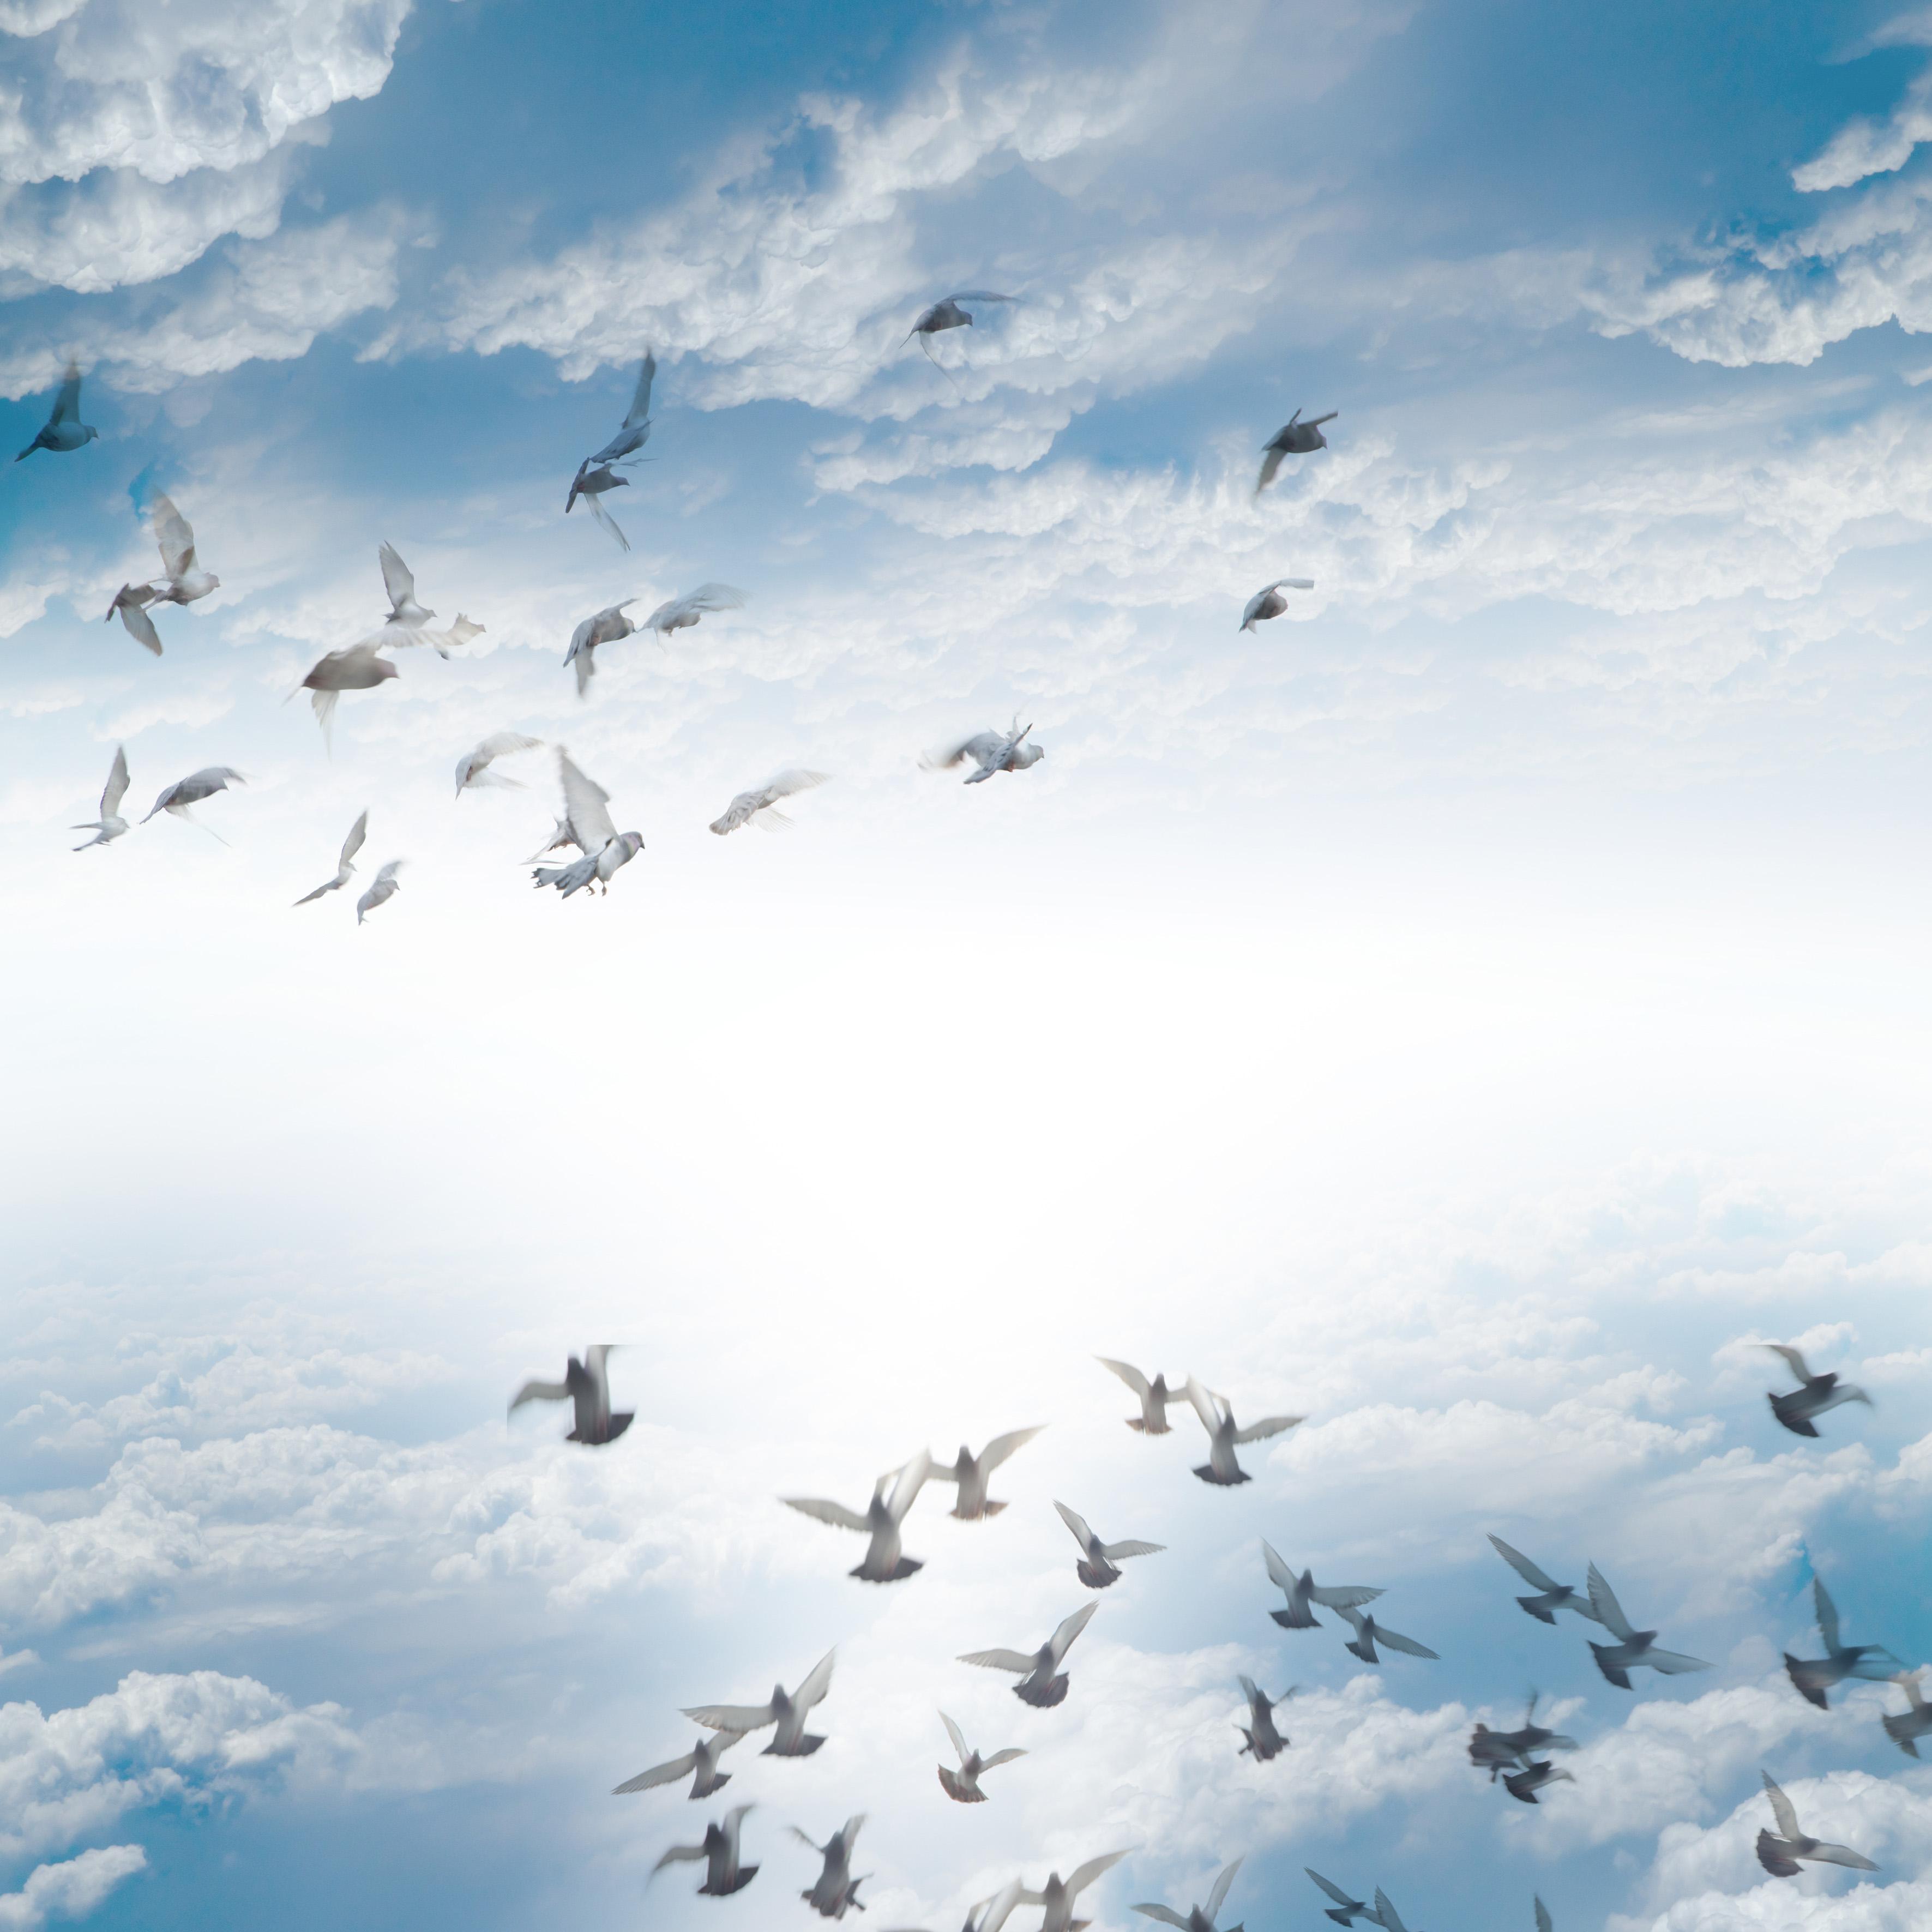 کبوترهای در حال پرواز